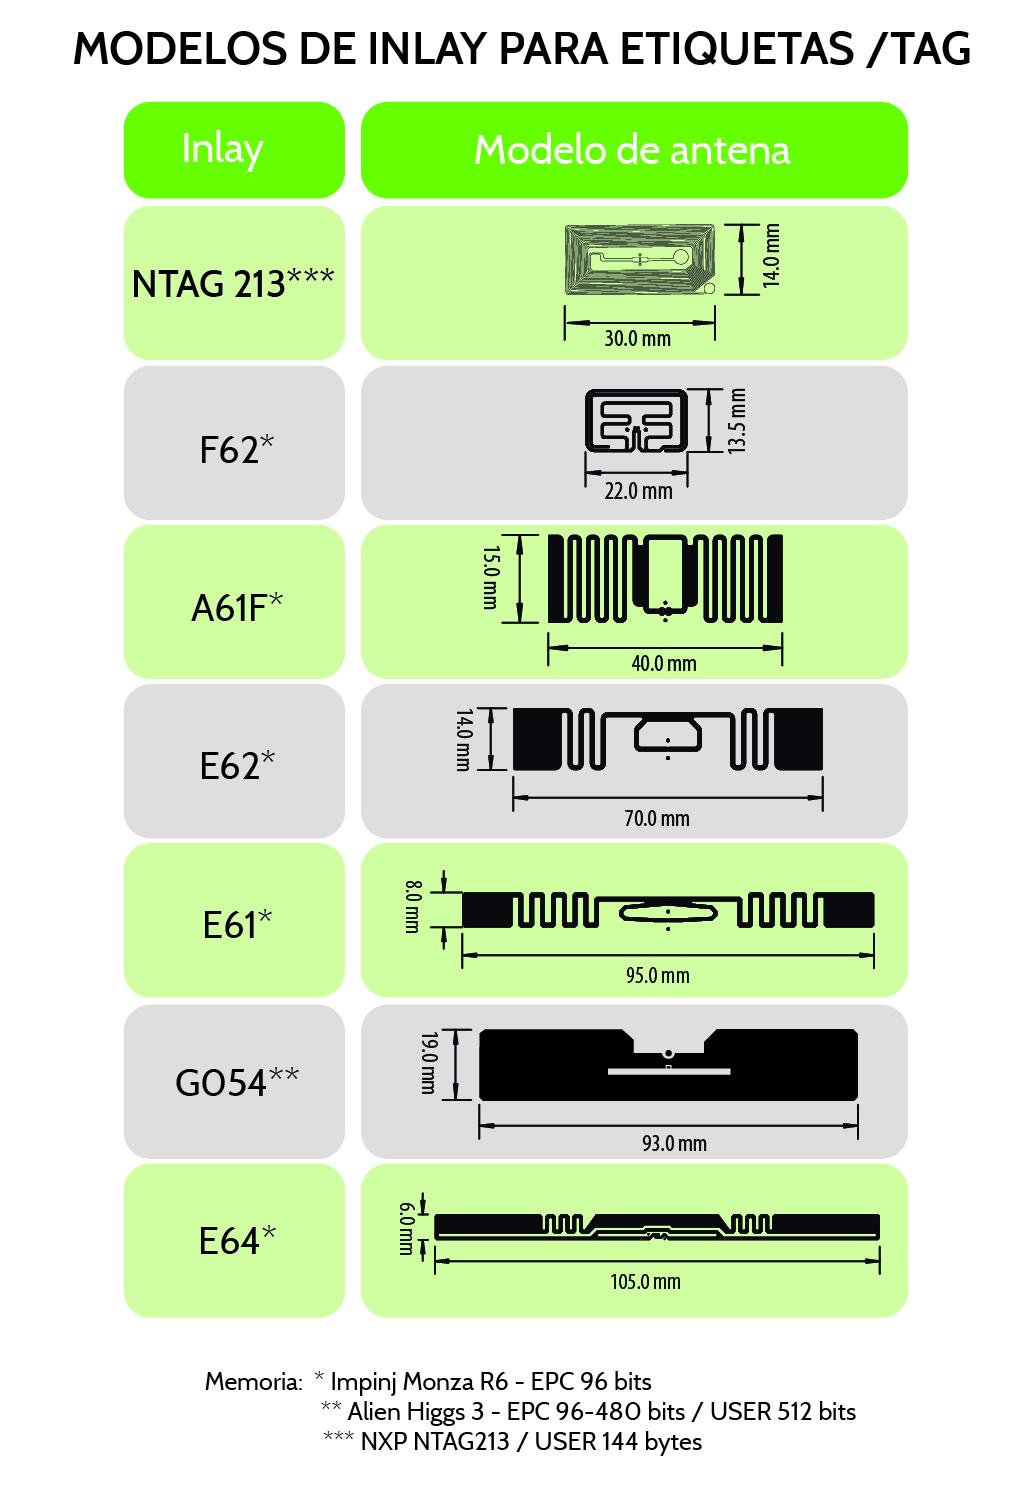 Modelos de Inlay para Etiquetas/TAG